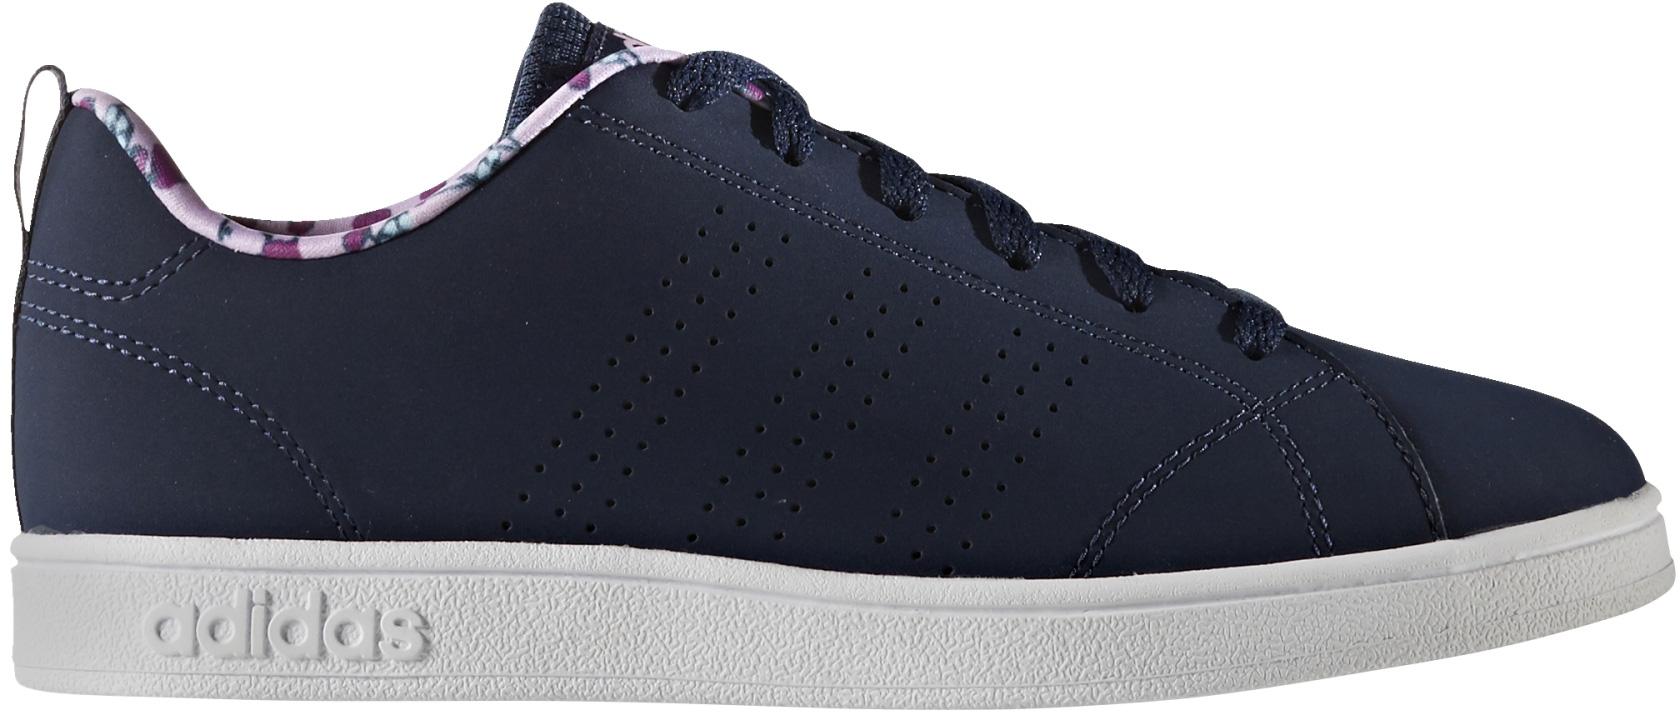 adidas VS ADVANTAGE CLEAN K. Detská voľnočasová obuv 4d73b0b09ae